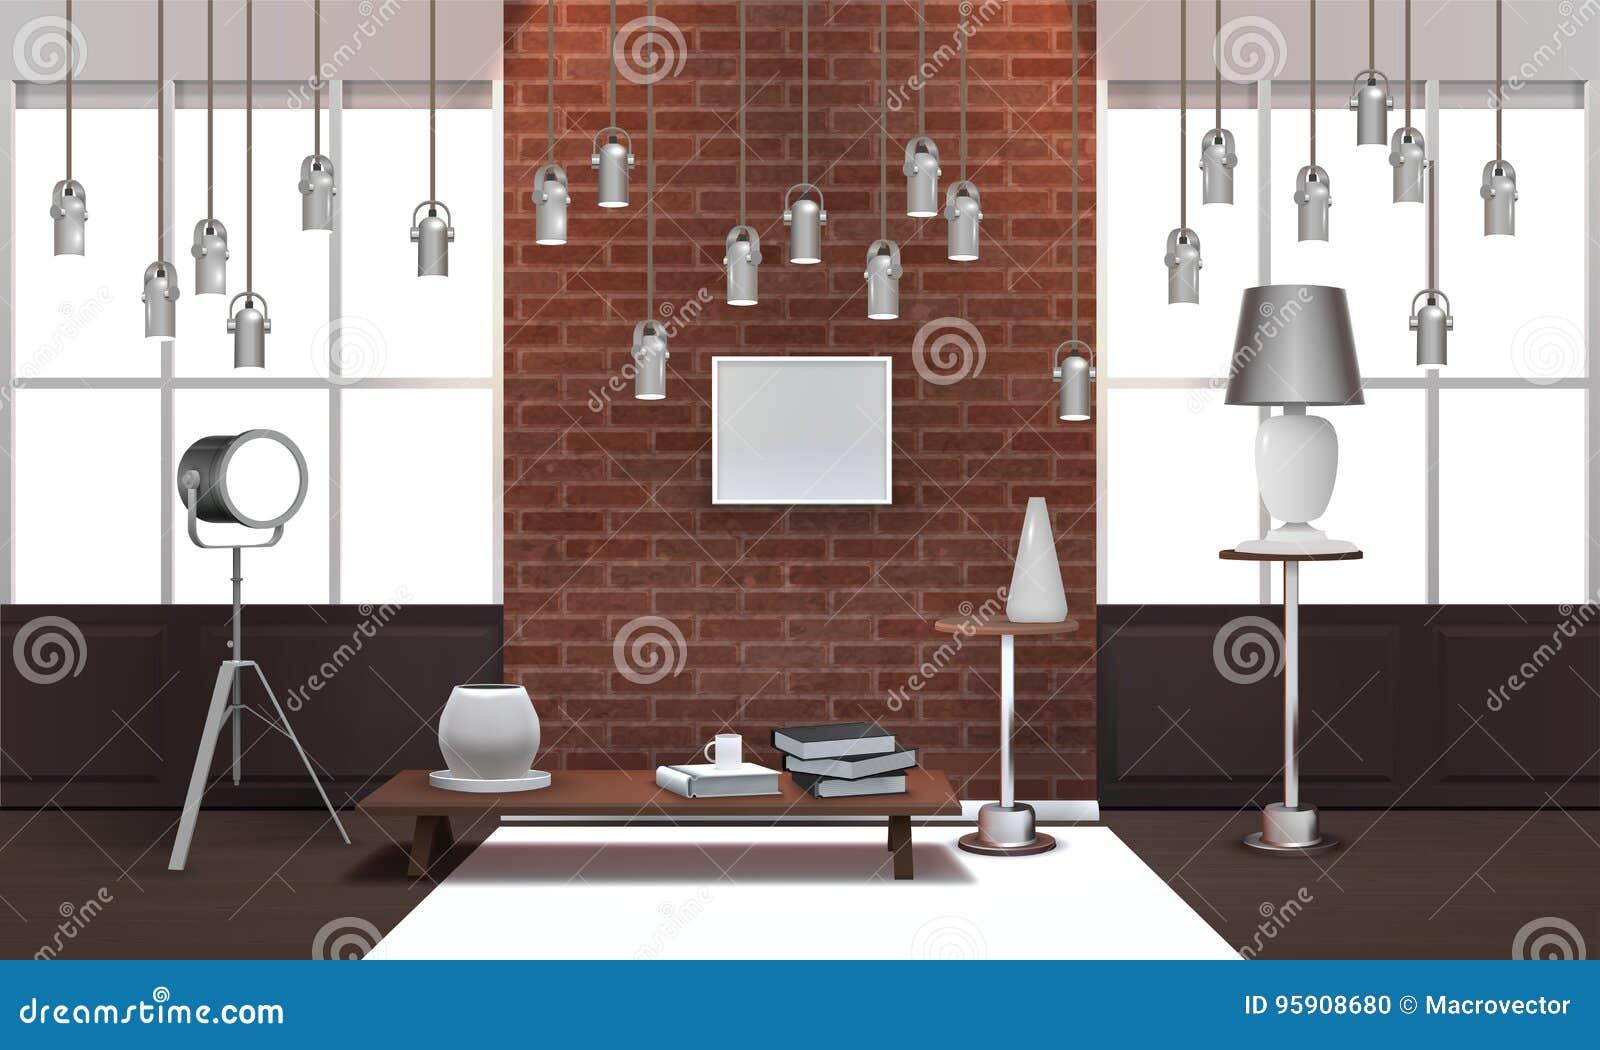 Realistisk vindinre med hängande lampor